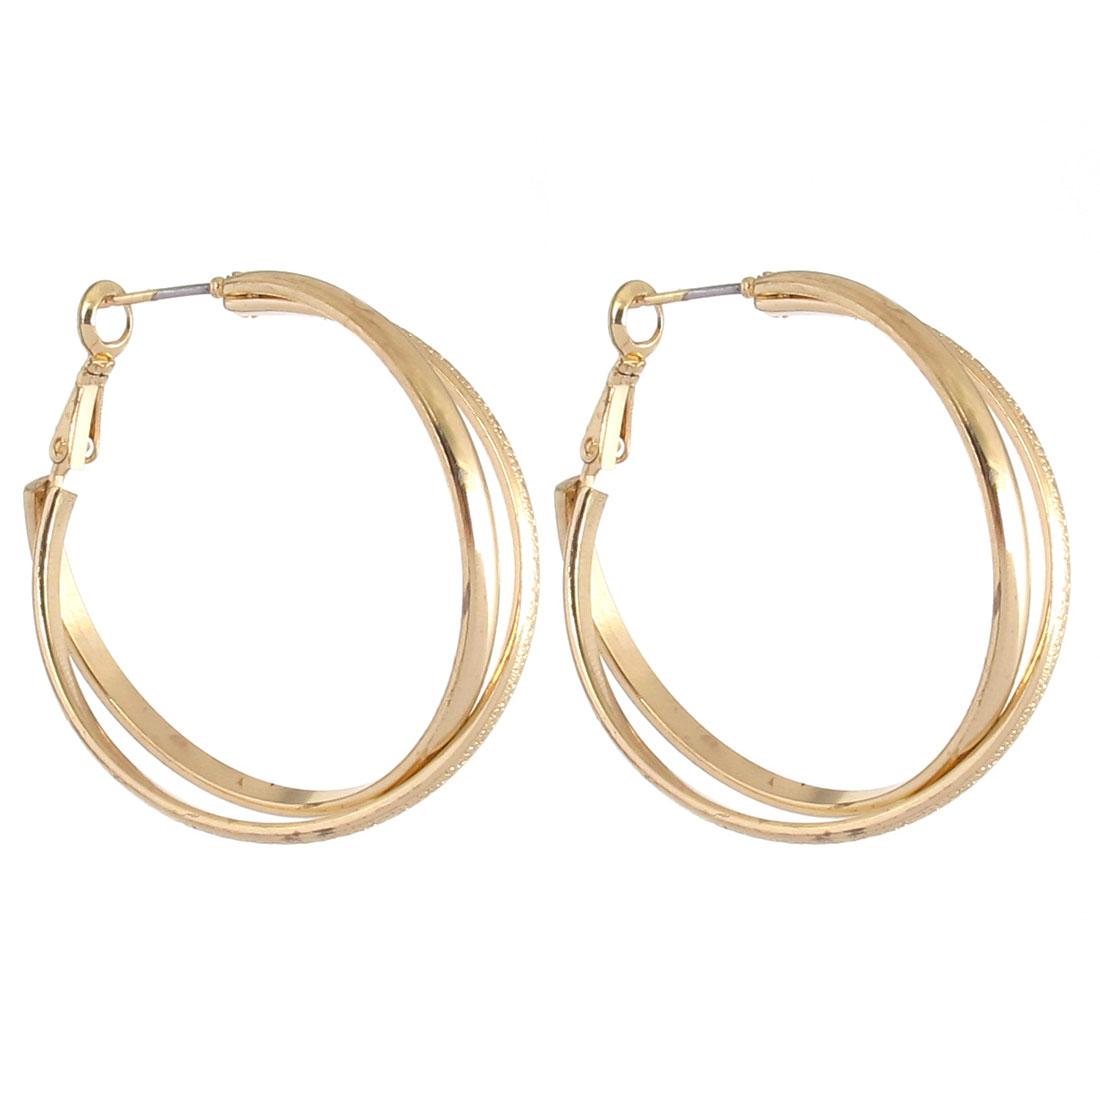 """1.6"""" Dia Gold Tone Metal Narrow Cross Circles Pierced Hoop Earrings Pair for Lady Women"""